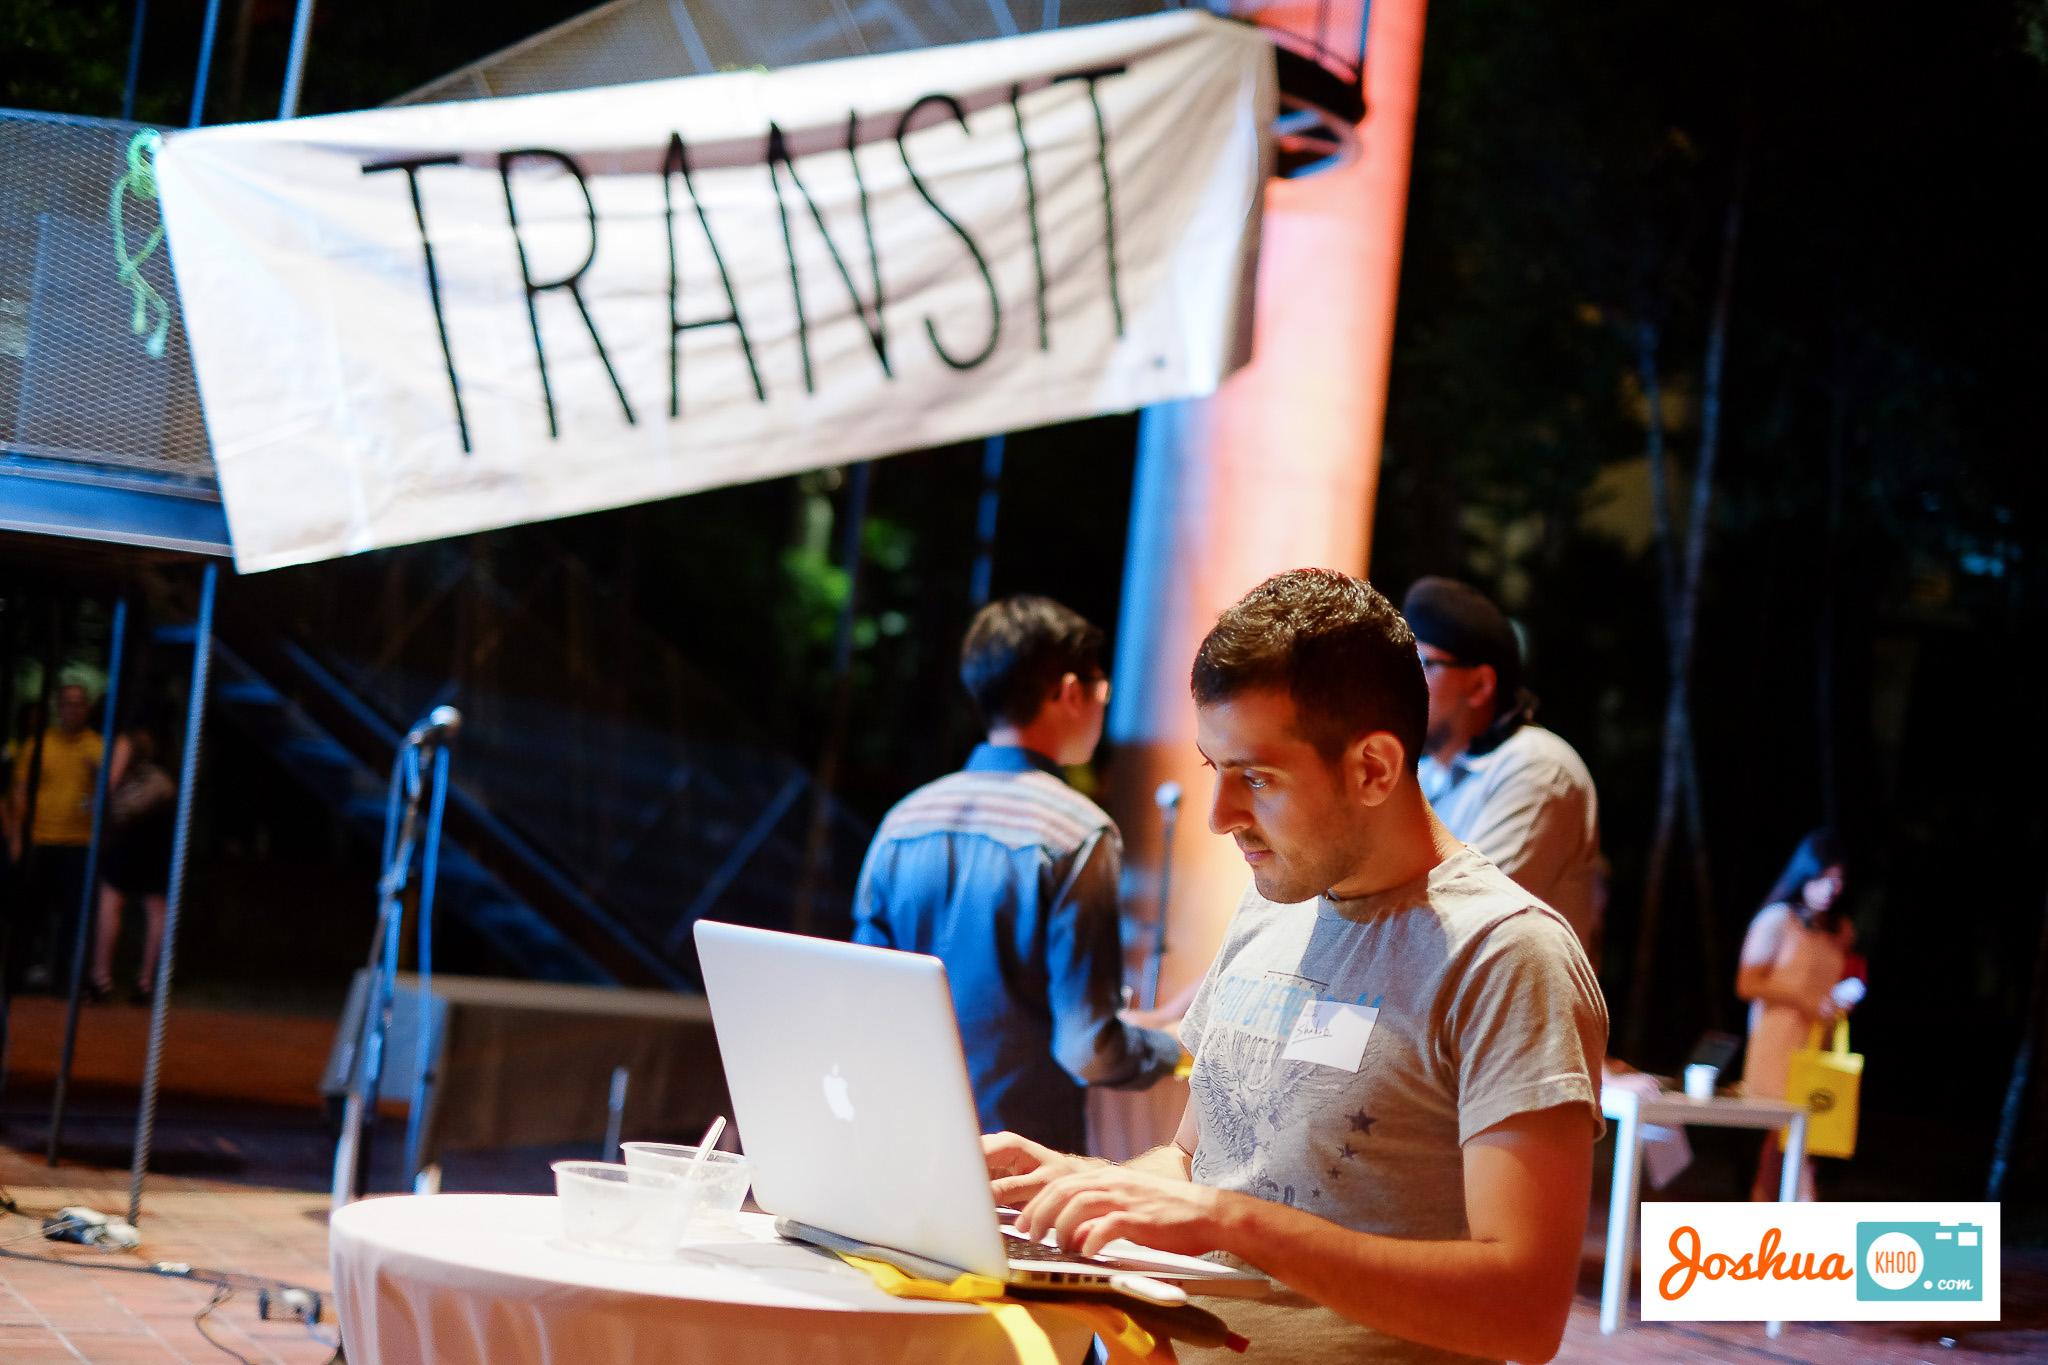 Transit-6